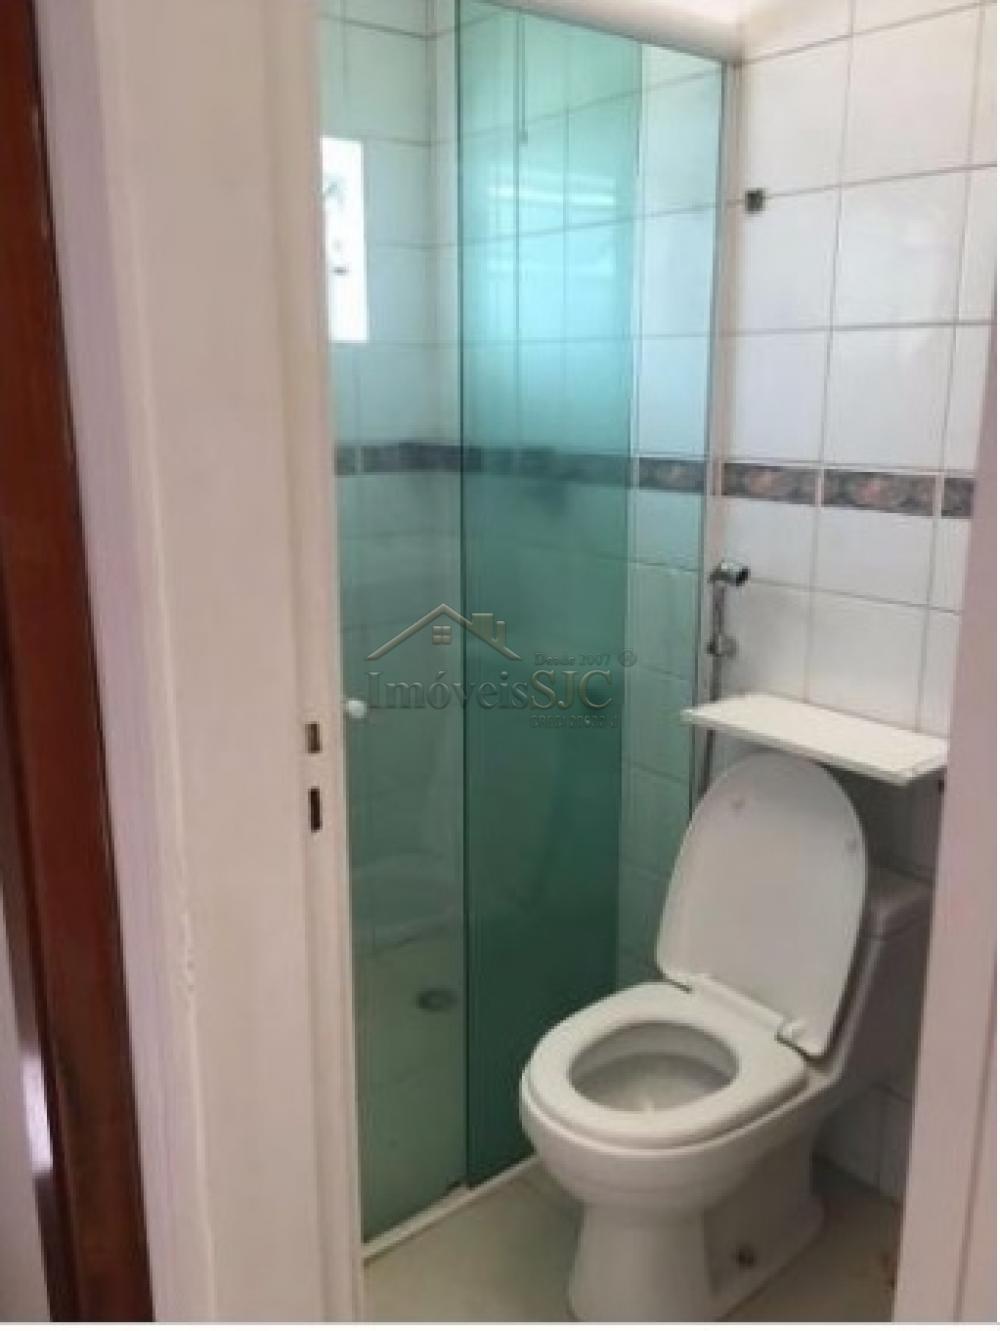 Alugar Apartamentos / Cobertura em São José dos Campos apenas R$ 1.500,00 - Foto 10